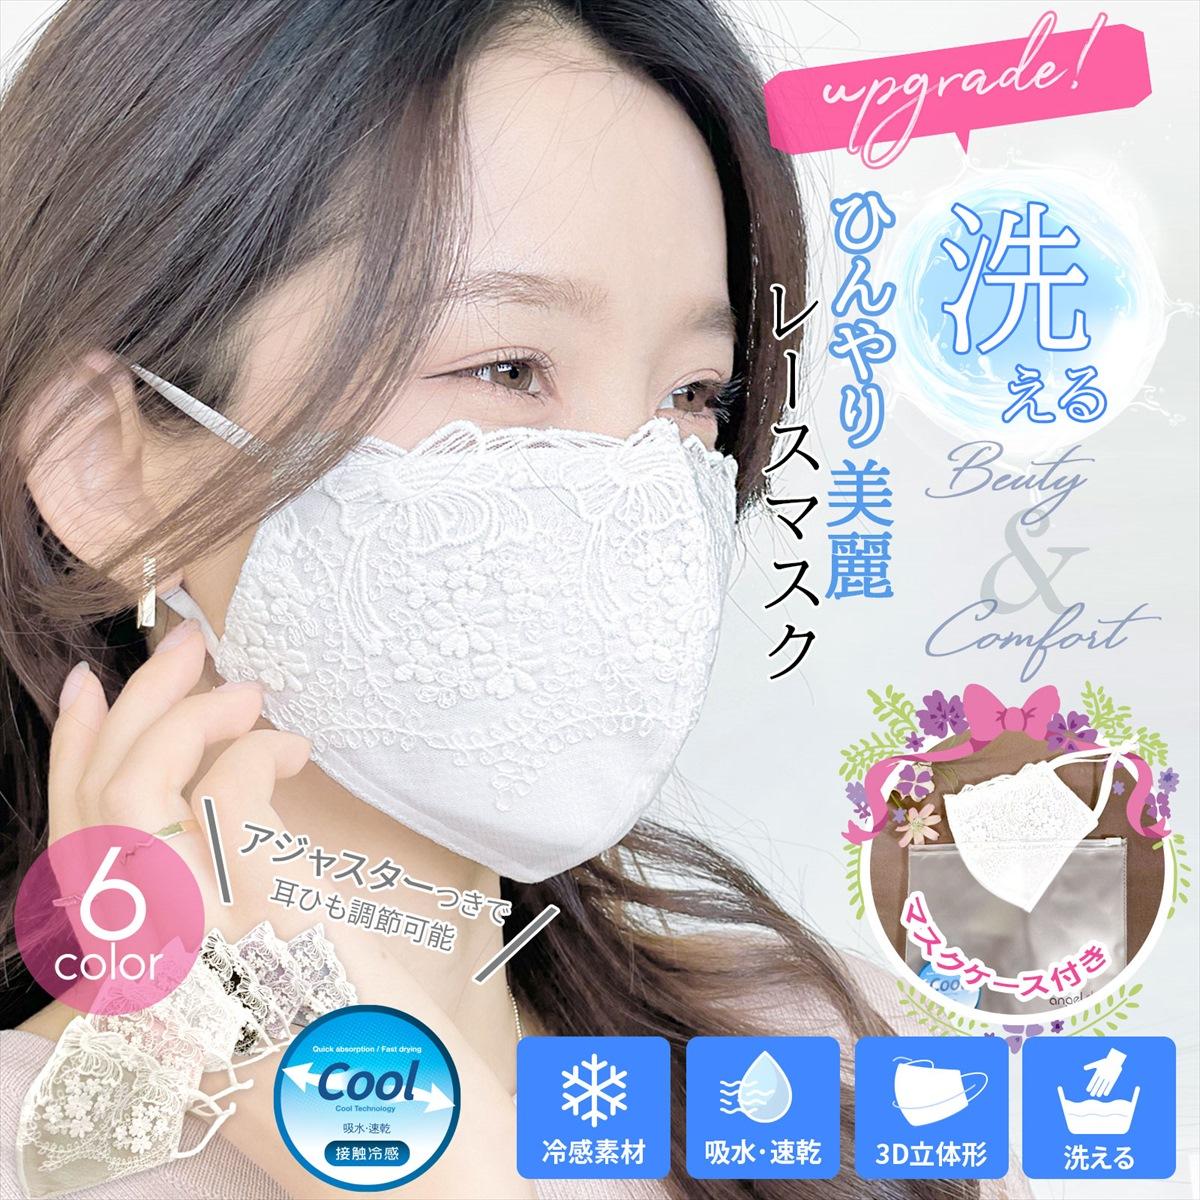 夏マスク [アジャスターつき]上品チュールレース美麗マスク リボンリース柄 洗えるマスク [RC023]